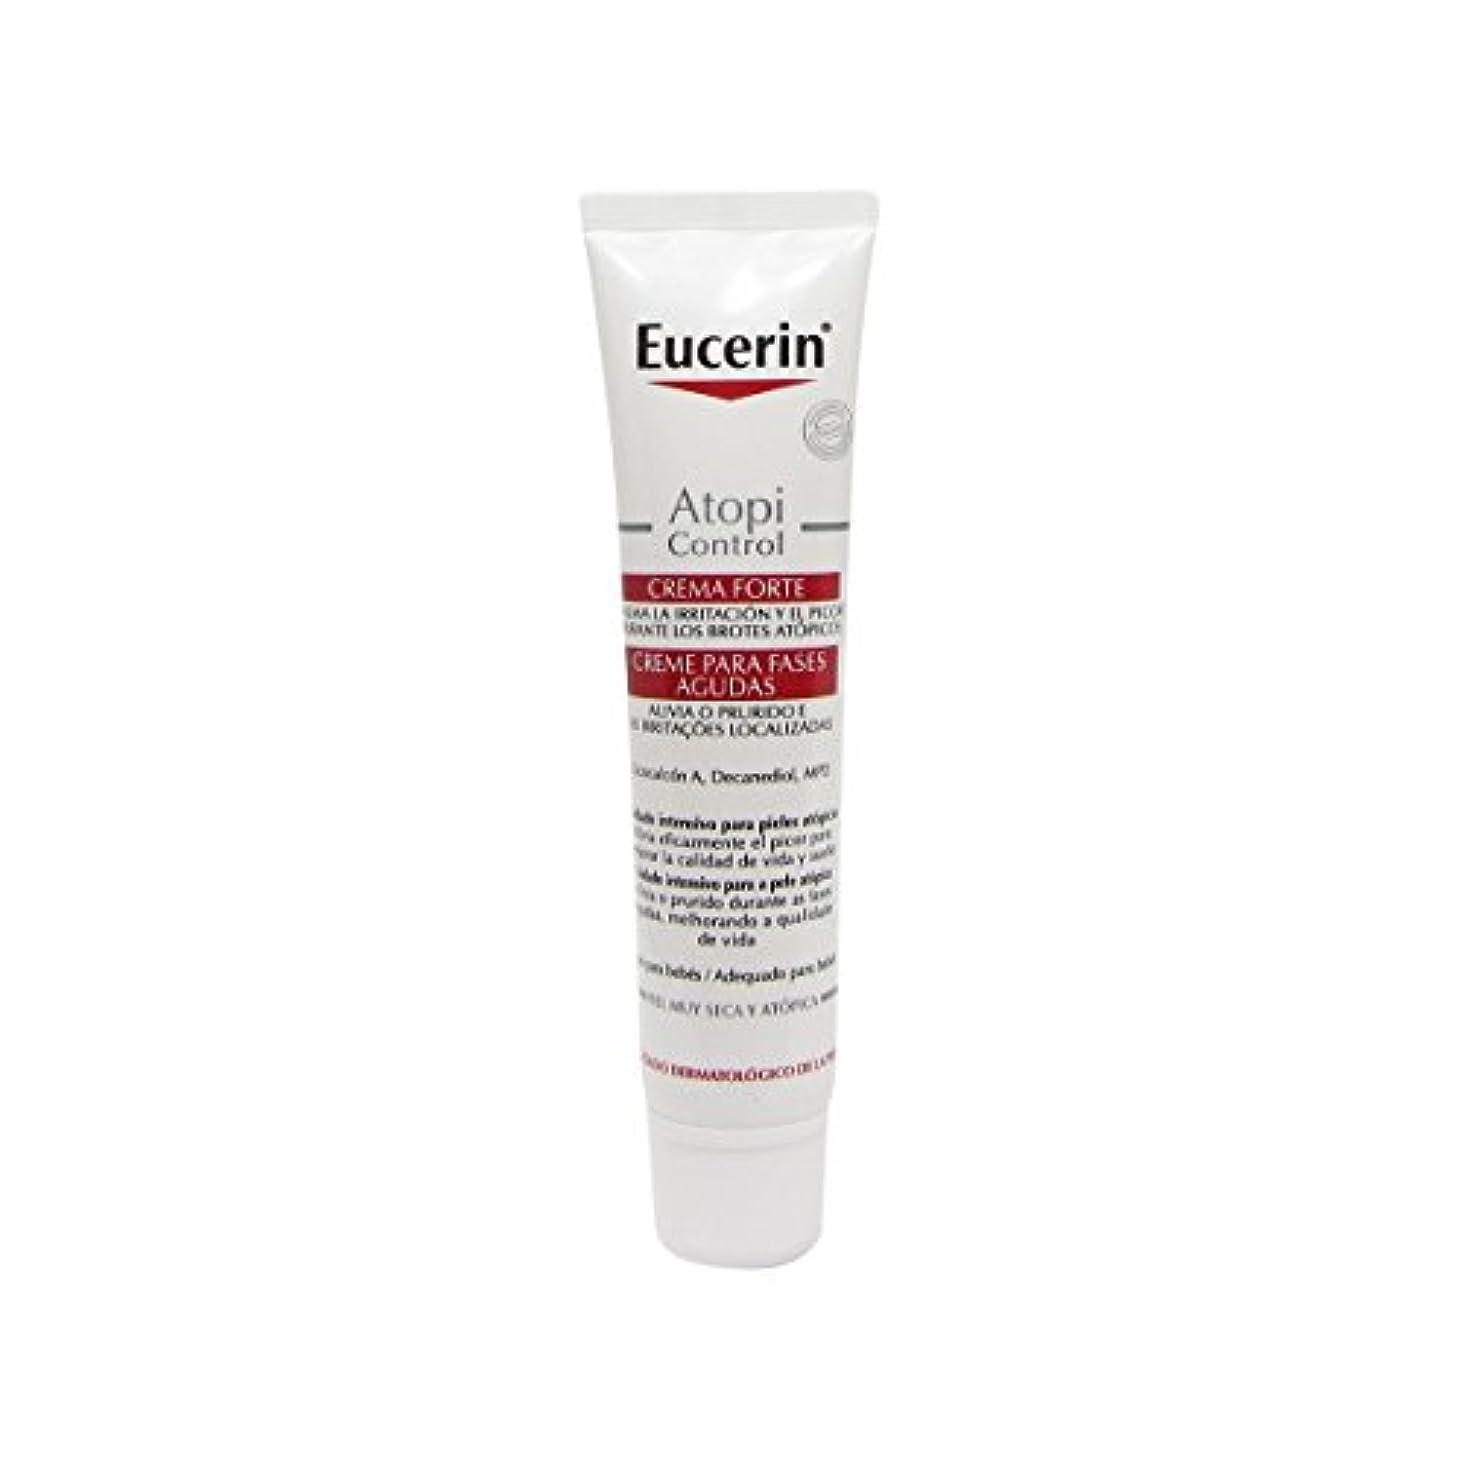 きしむラッチ敵意Eucerin Atopicontrol Acute Care Cream 40ml [並行輸入品]